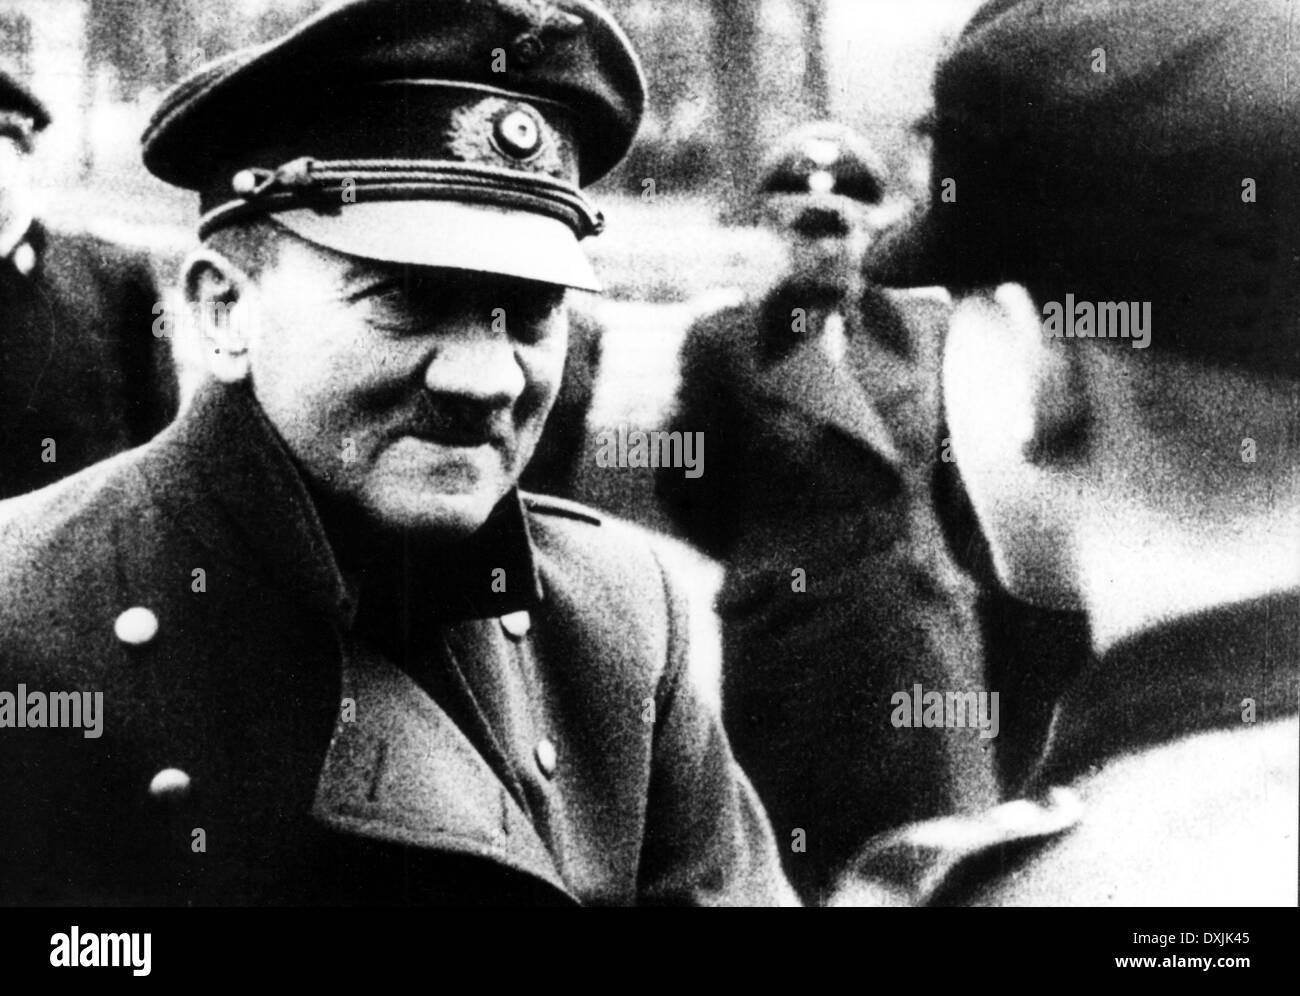 Hitler Eine Karriere